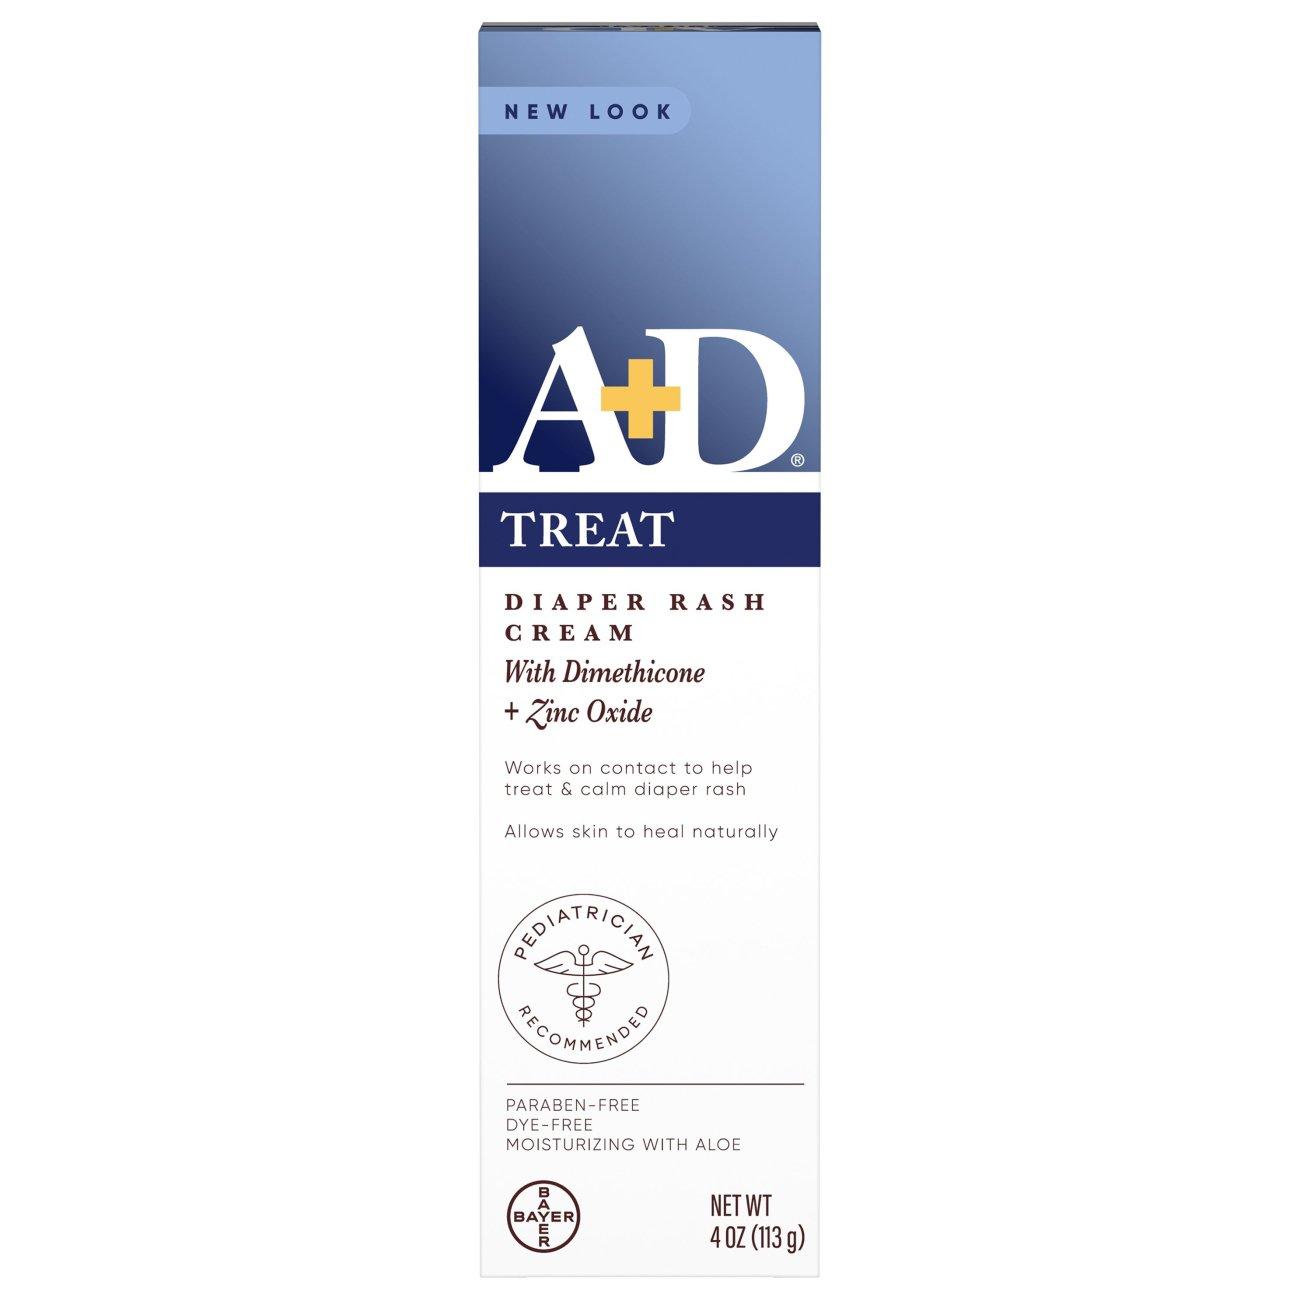 A+D A & D Zinc Oxide Diaper Rash Cream - Shop Lotion & Powder at H-E-B